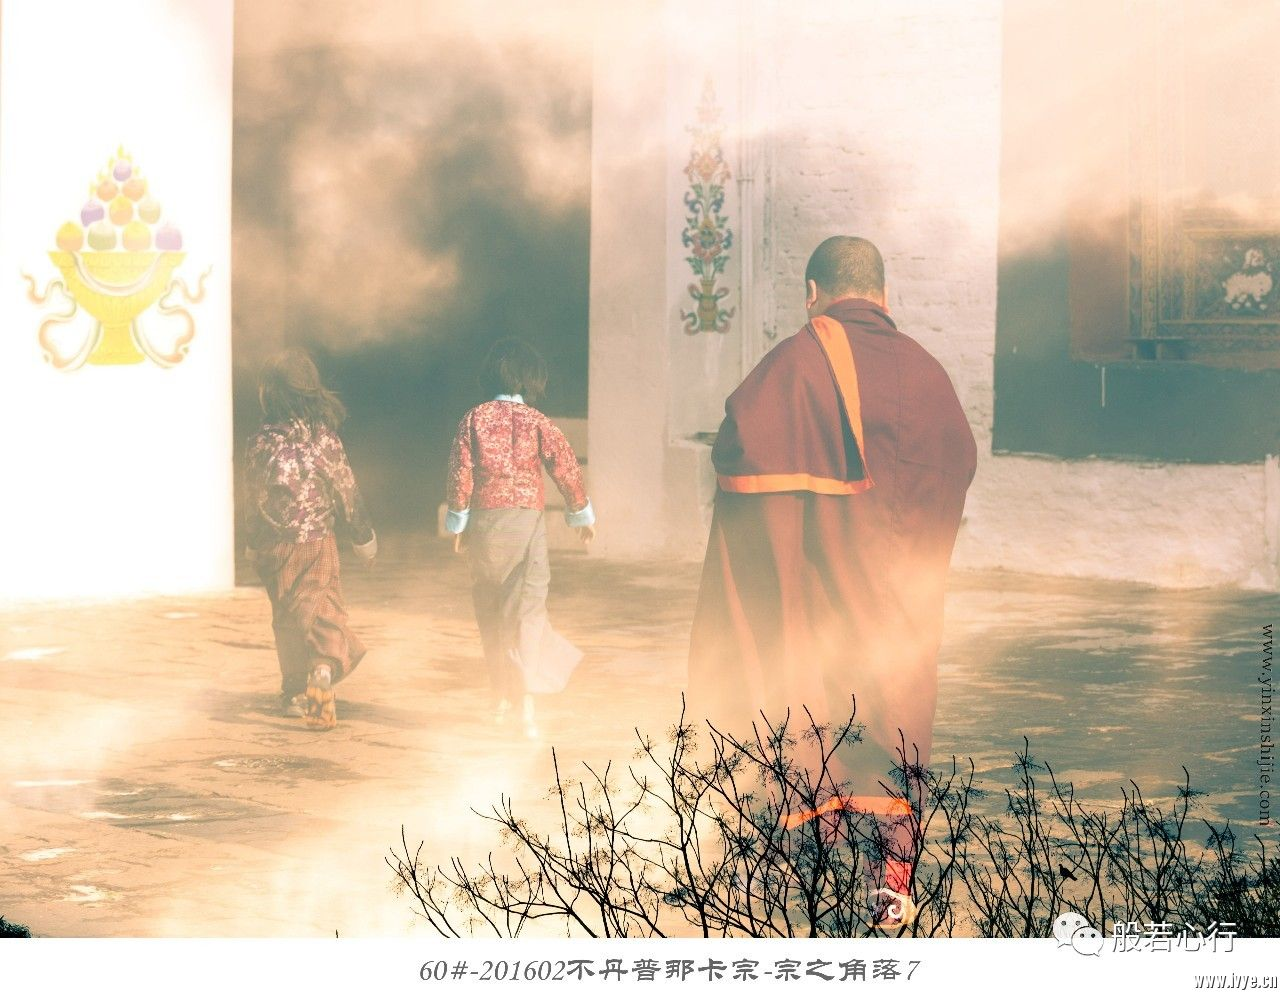 60#-201602不丹普那卡宗-宗之角落7.jpg